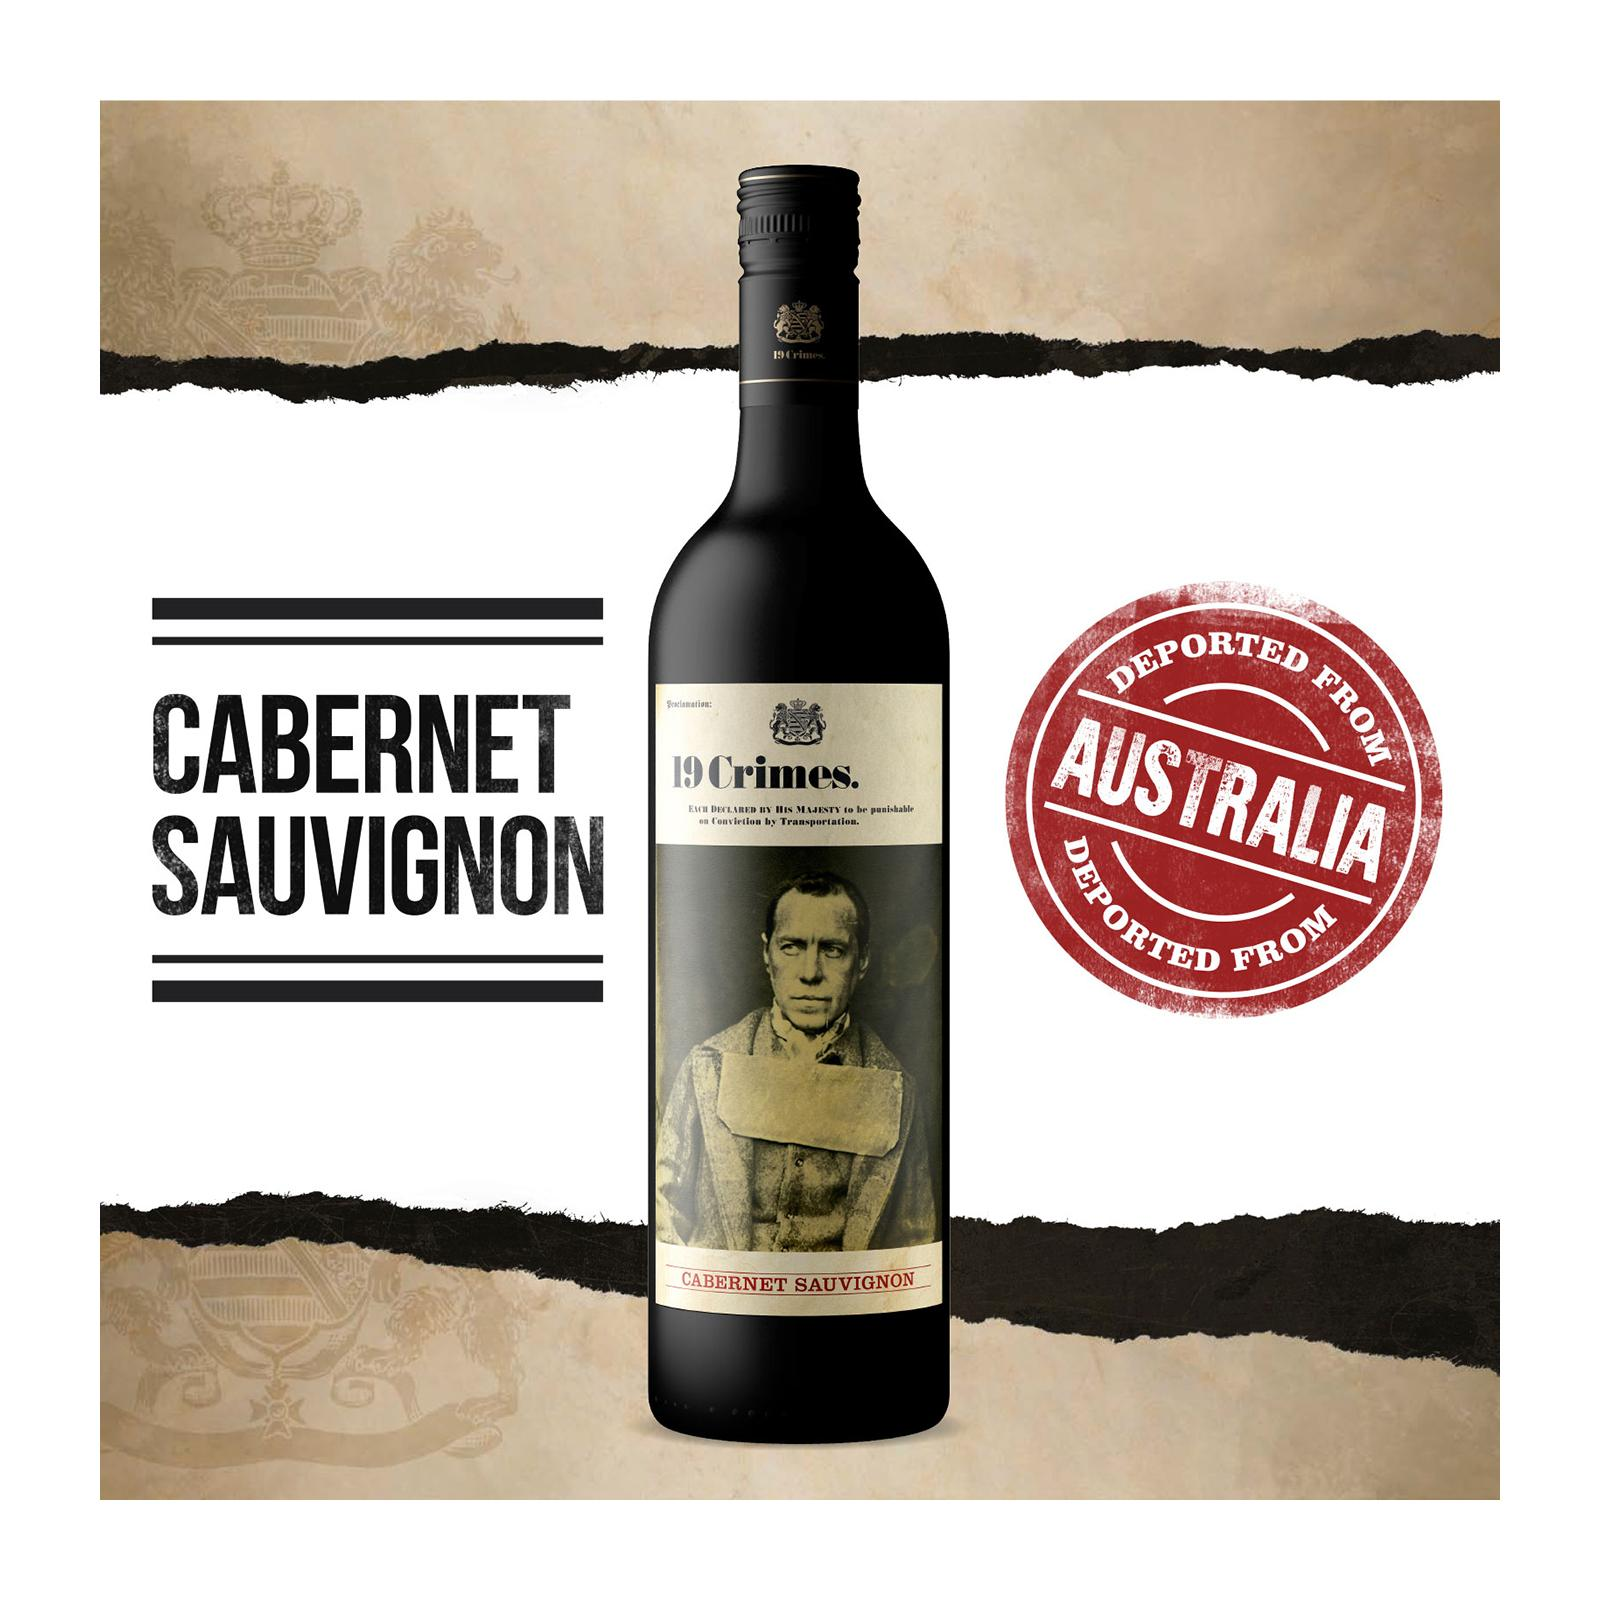 19 Crimes Cabernet Sauvignon Smooth Red Wine